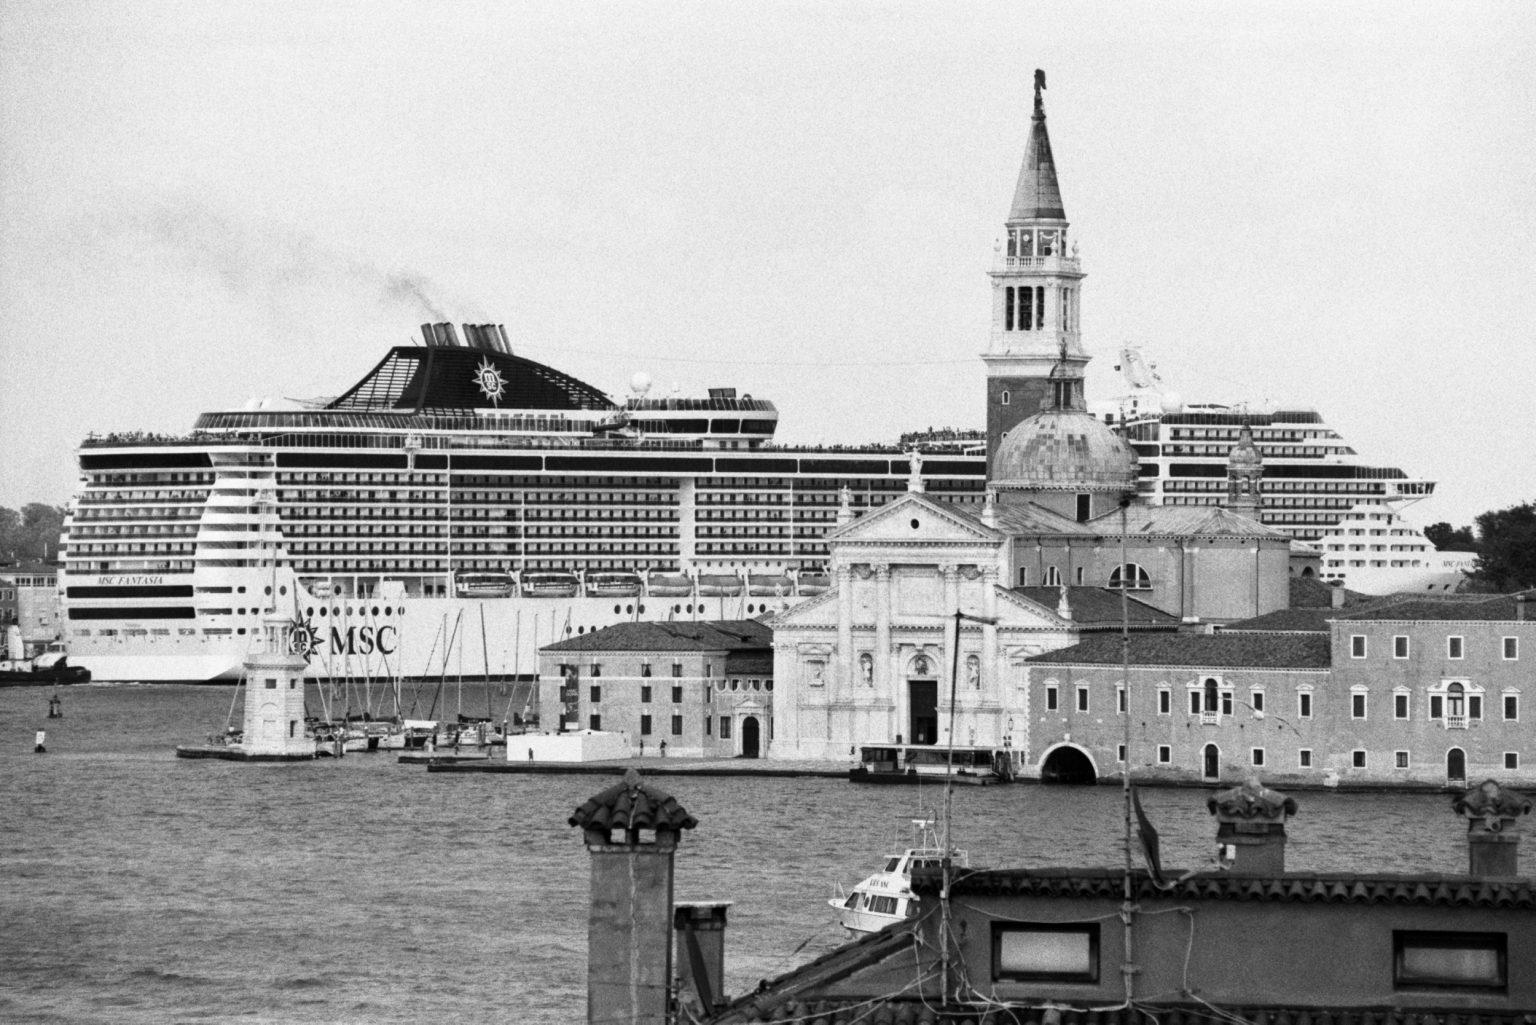 """Venice, August 2013 - Big cruise liners invade the city - MSC Fantasia cruise ship passing by the old town ><  Venezia, agosto 2013 - Le grandi navi da crociera invadono la città - La MSC Fantasia passa davanti al centro storico<p><span style=""""color: #ff0000""""><strong>*** SPECIAL   FEE   APPLIES ***</strong></span></p>*** SPECIAL   FEE   APPLIES *** *** Local Caption *** 00483759"""